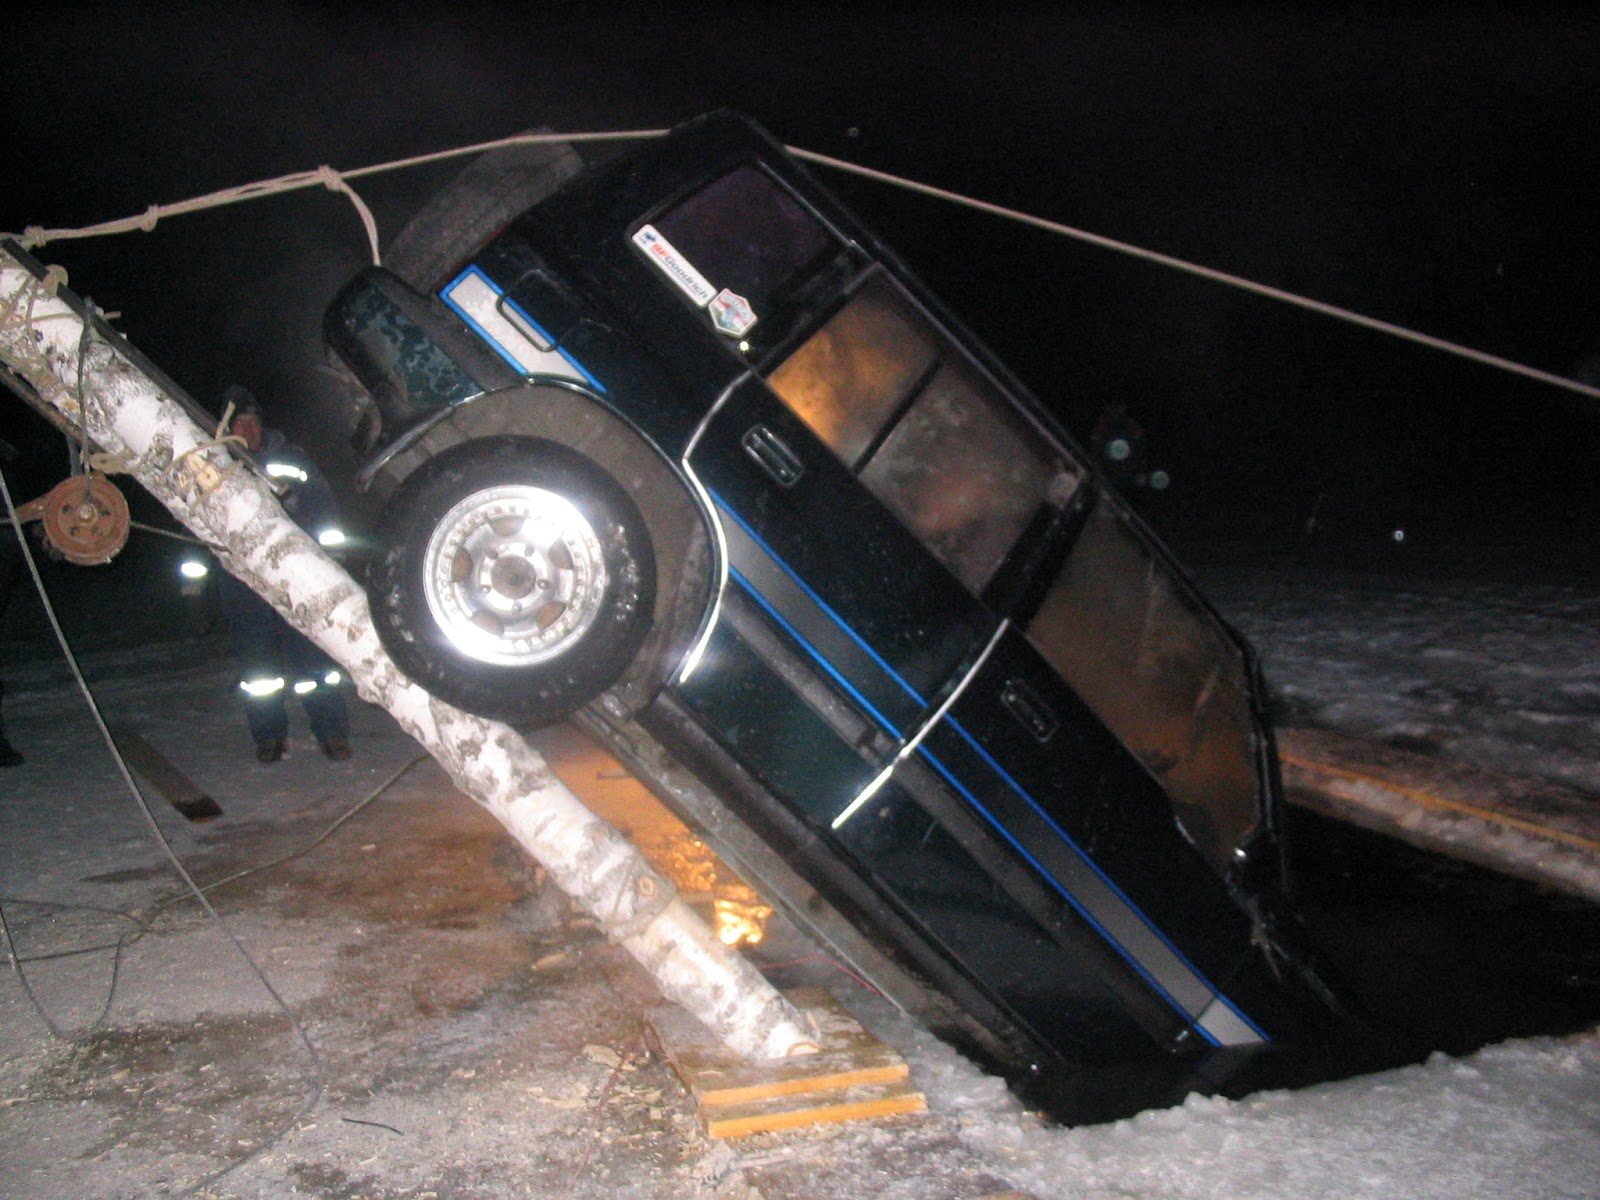 Три человека провалились под лед намашине под Красноярском